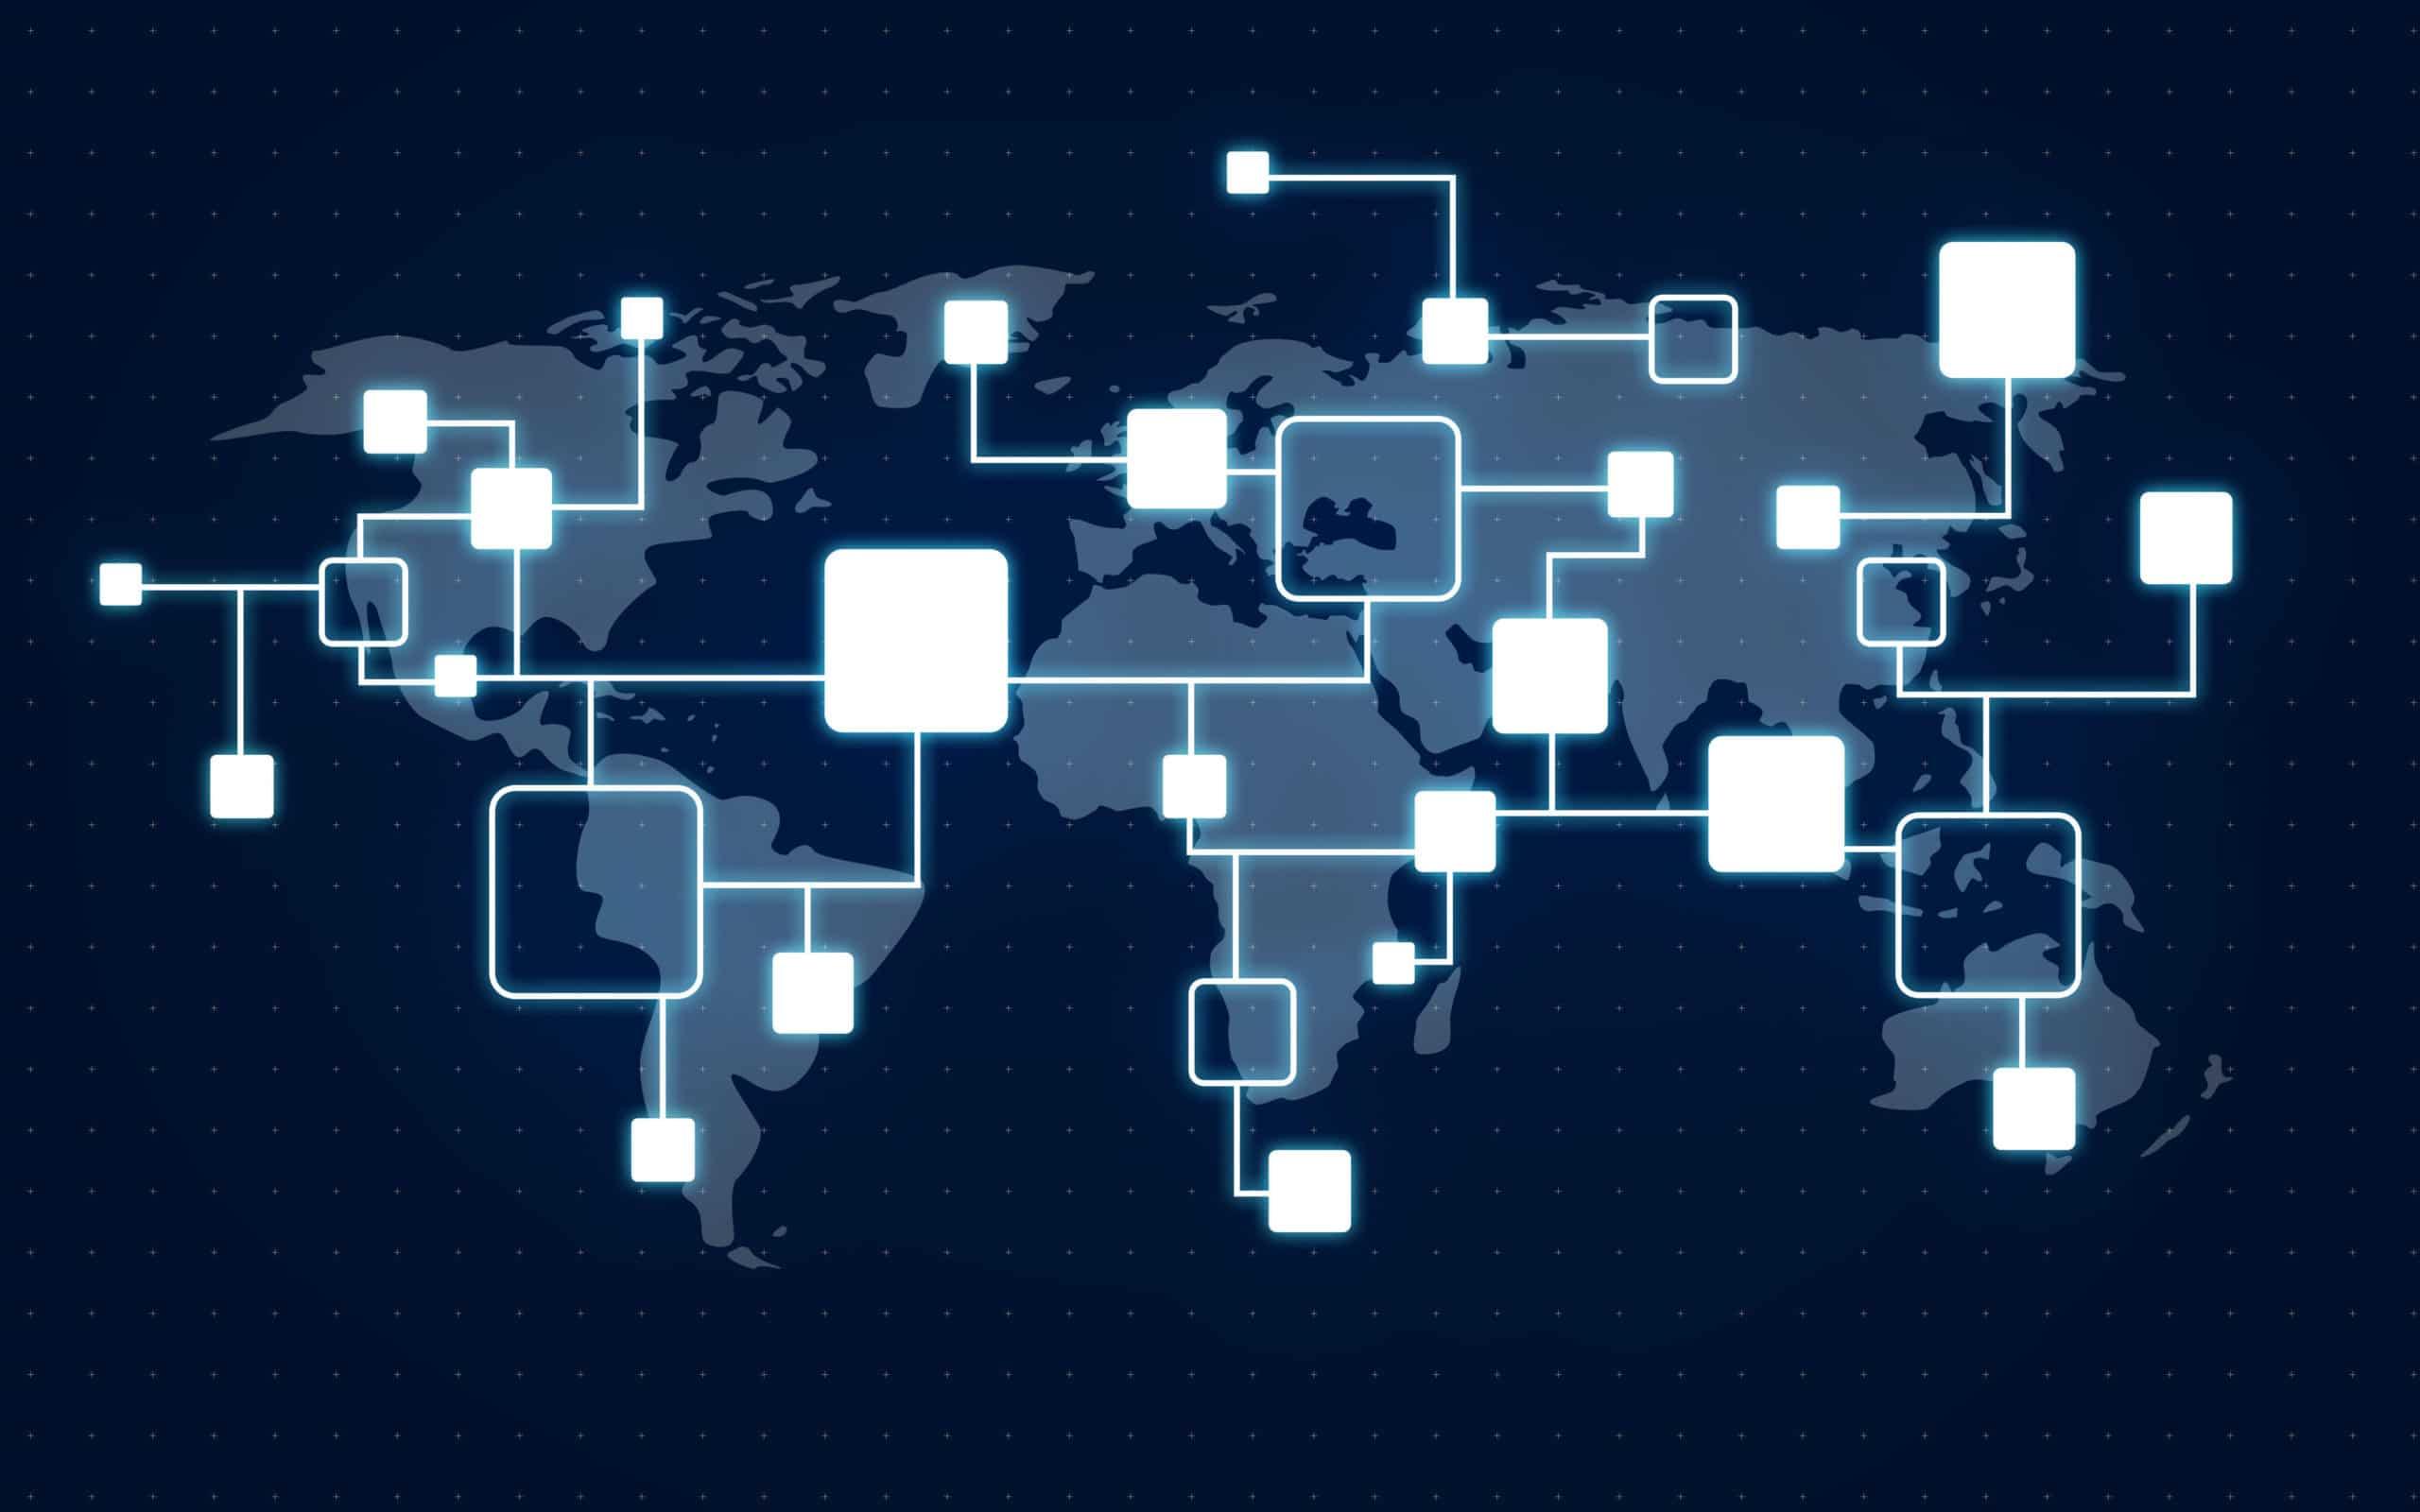 Weltkarte mit Blöcken dezentrale Organisation